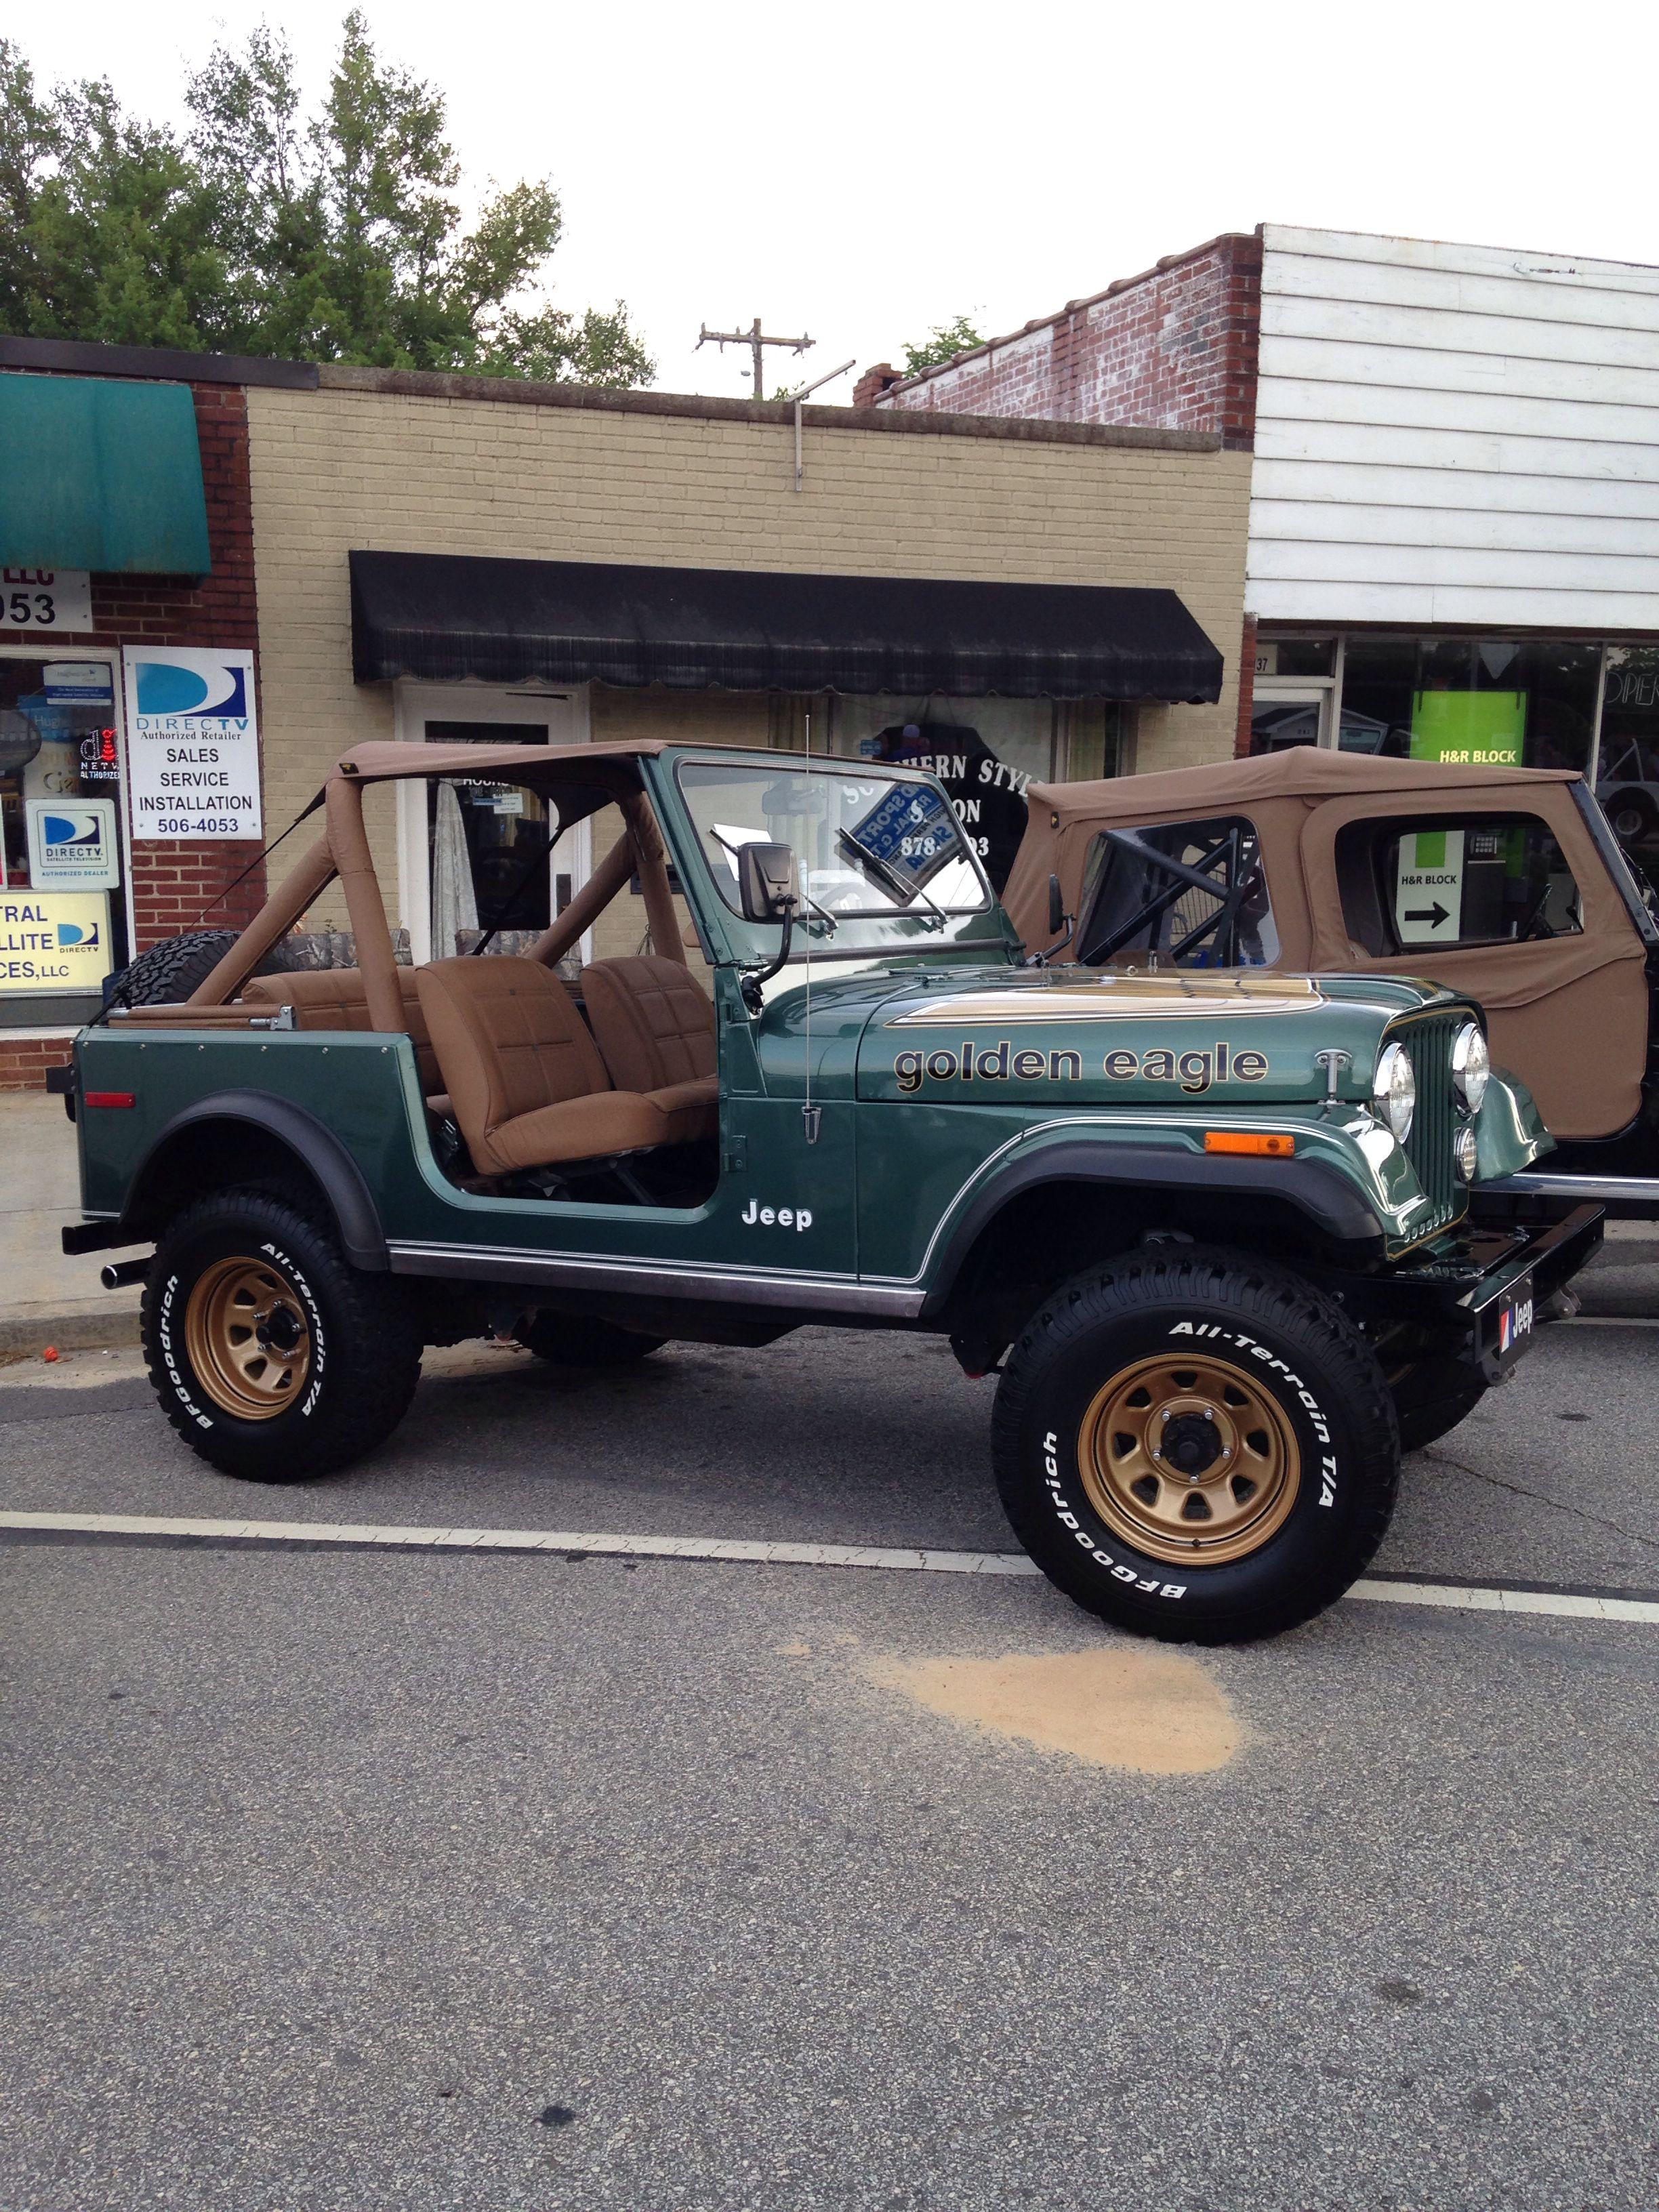 Golden Eagle Jeep Cj Jeep Cj7 Jeep Cj5